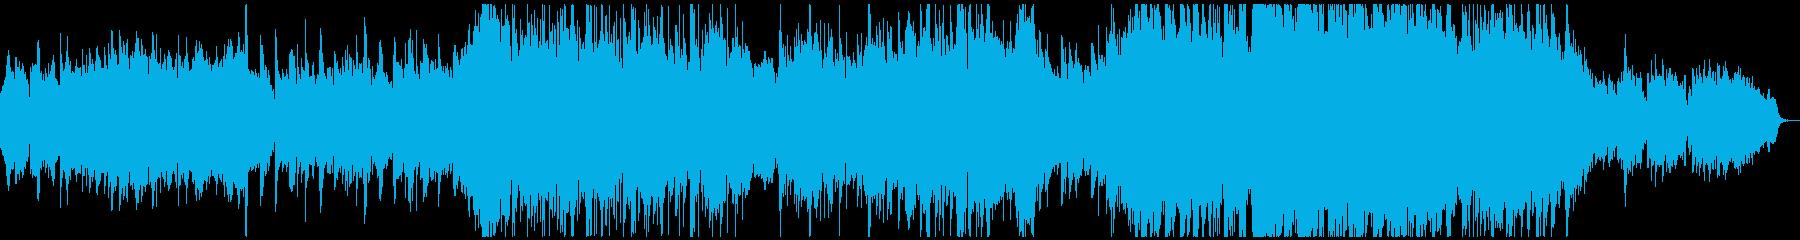 日本的で和風で侘び寂びの感じられる楽曲の再生済みの波形